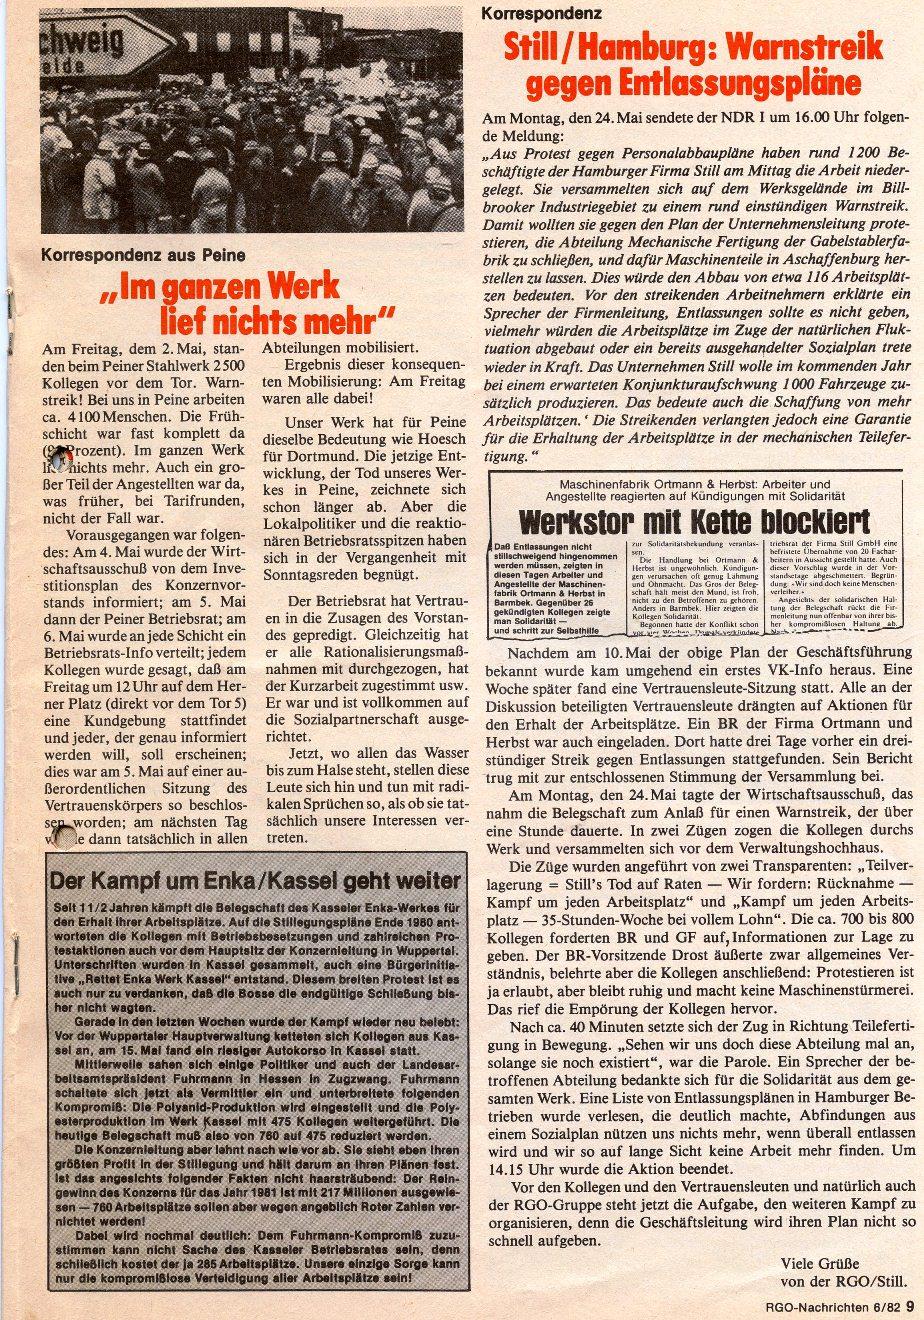 RGO_RGO_Nachrichten_1982_06_09